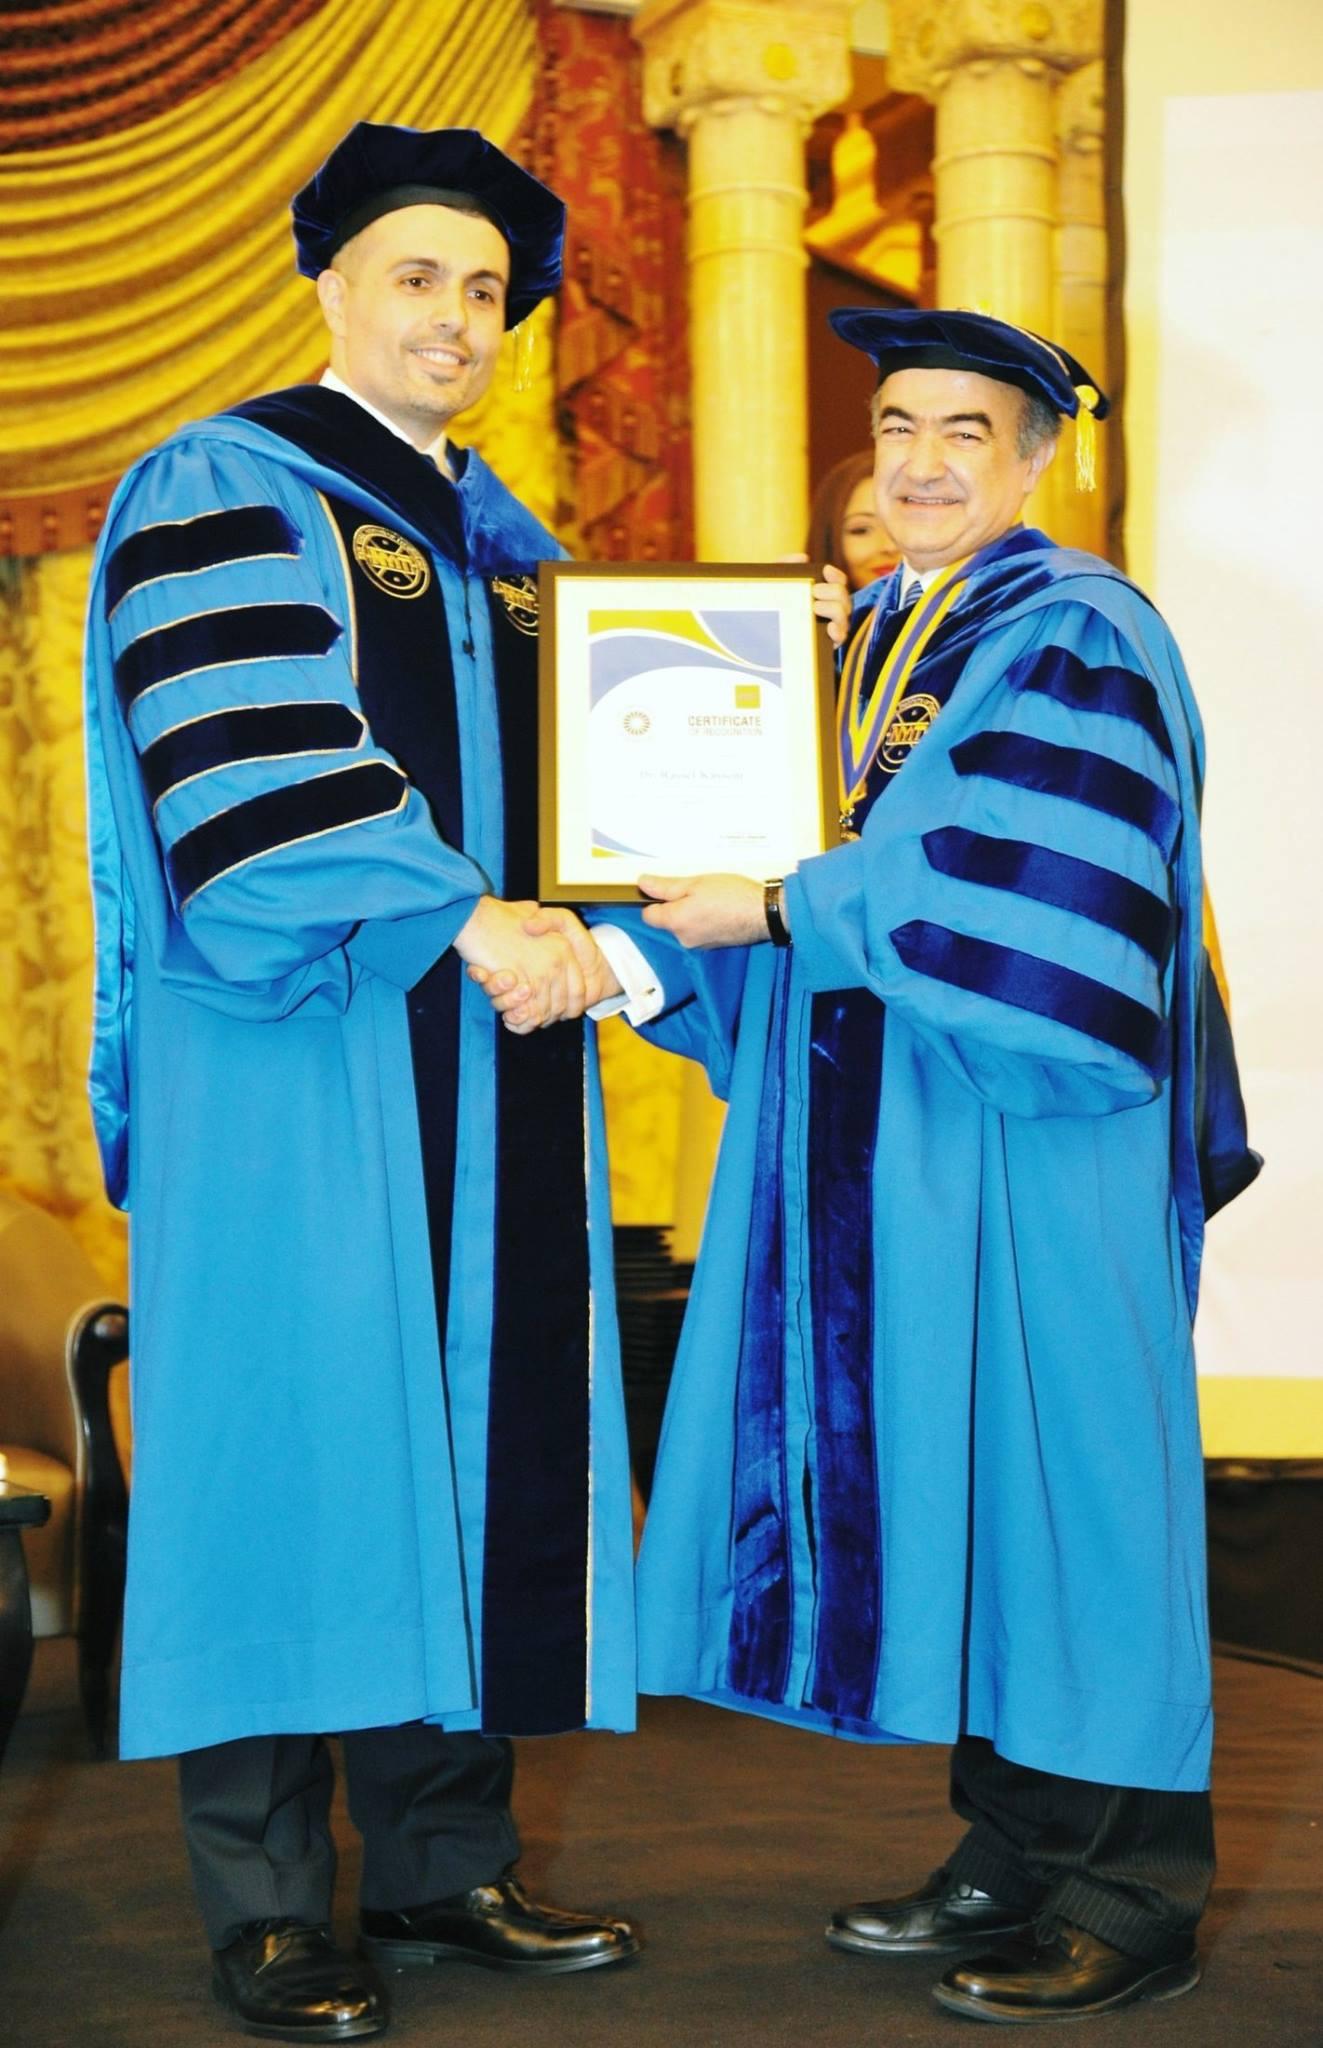 د. راسل قاسم جائزة أفضل خريج من معهد نيويورك للعلوم والتكنولوجيا